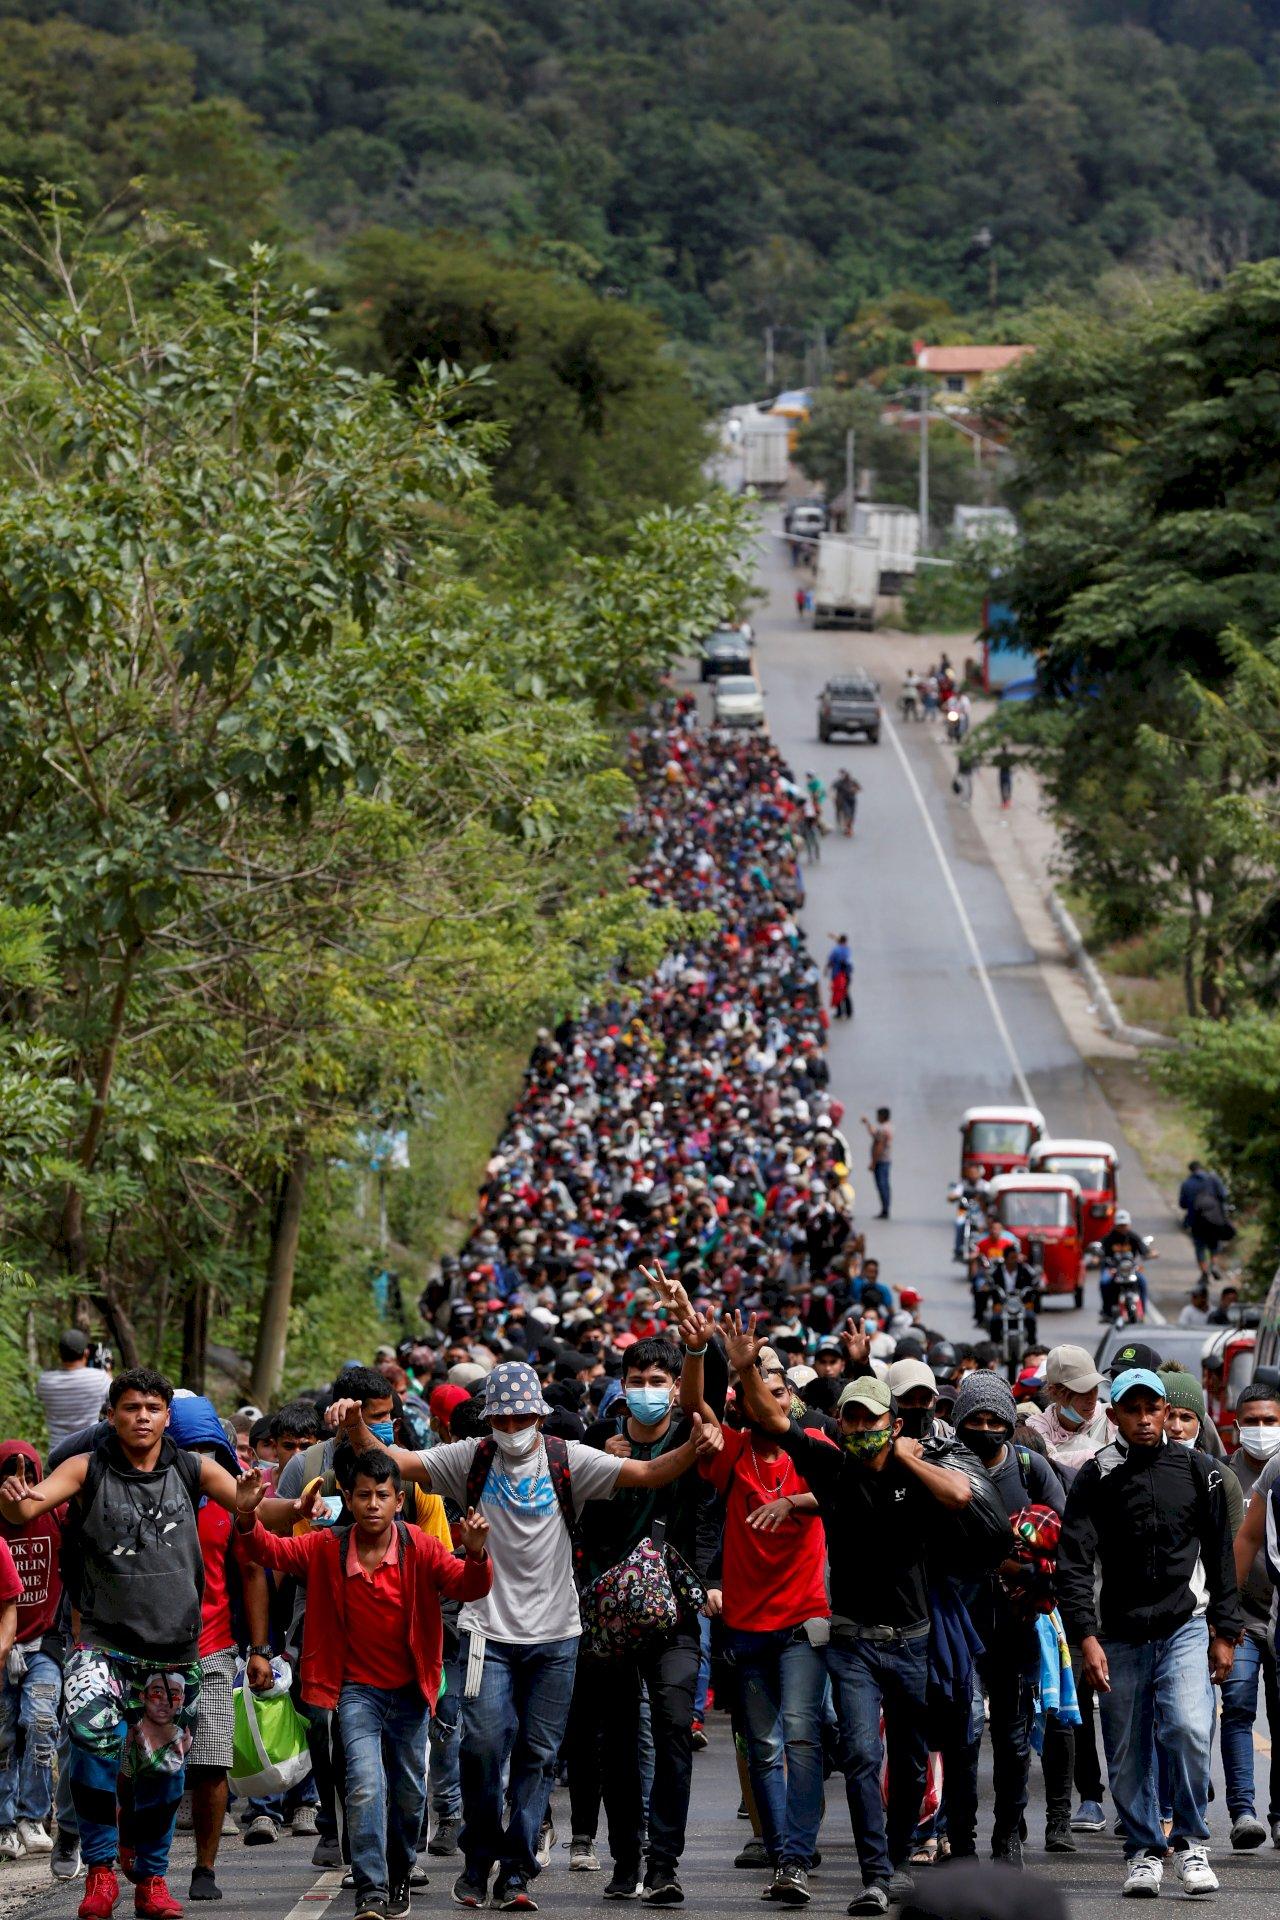 拜登新政踢鐵板?美法官暫擋下非法移民驅逐禁令